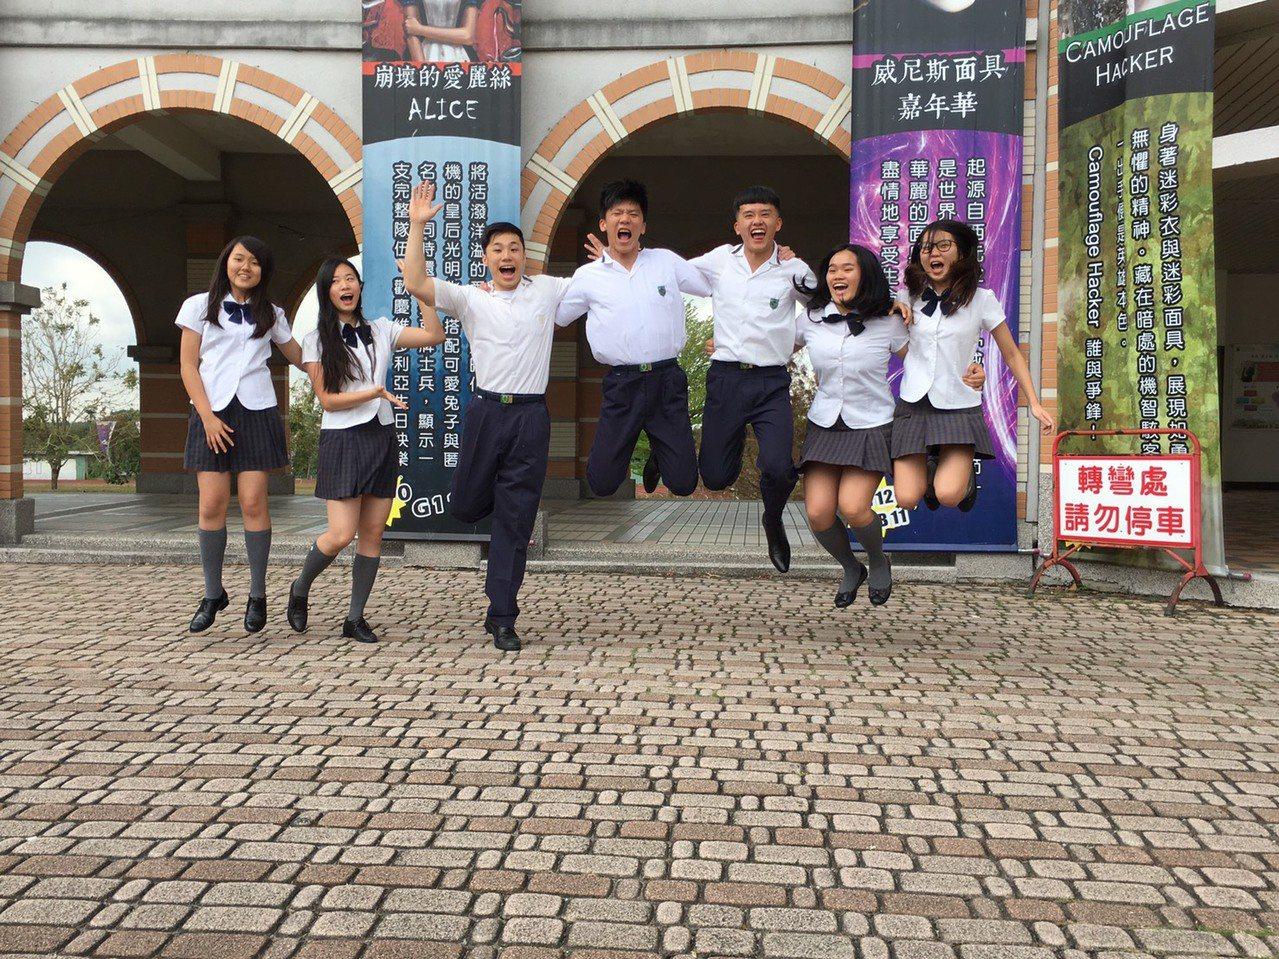 雲林縣維多利亞實驗高中國際班今年10名應屆畢業生,有7名學生錄取全球百大大學,創...